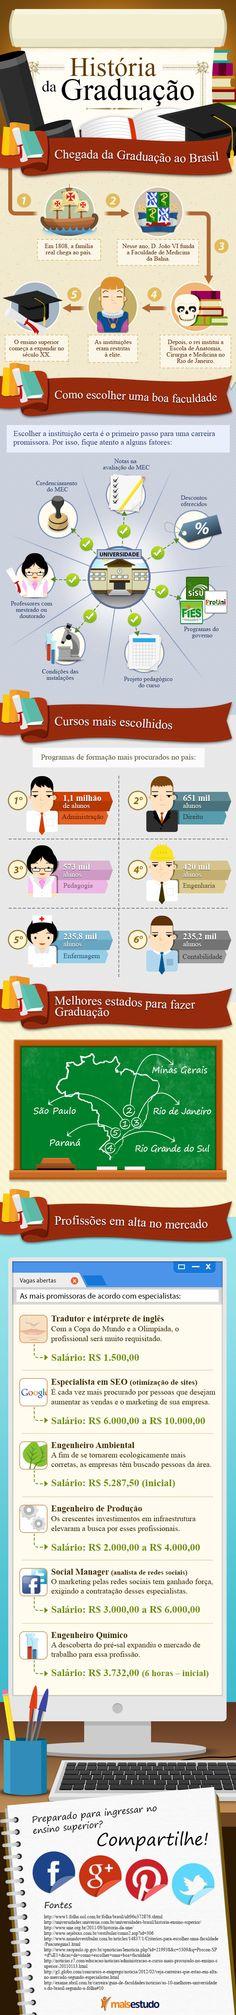 História da graduação #infográfico